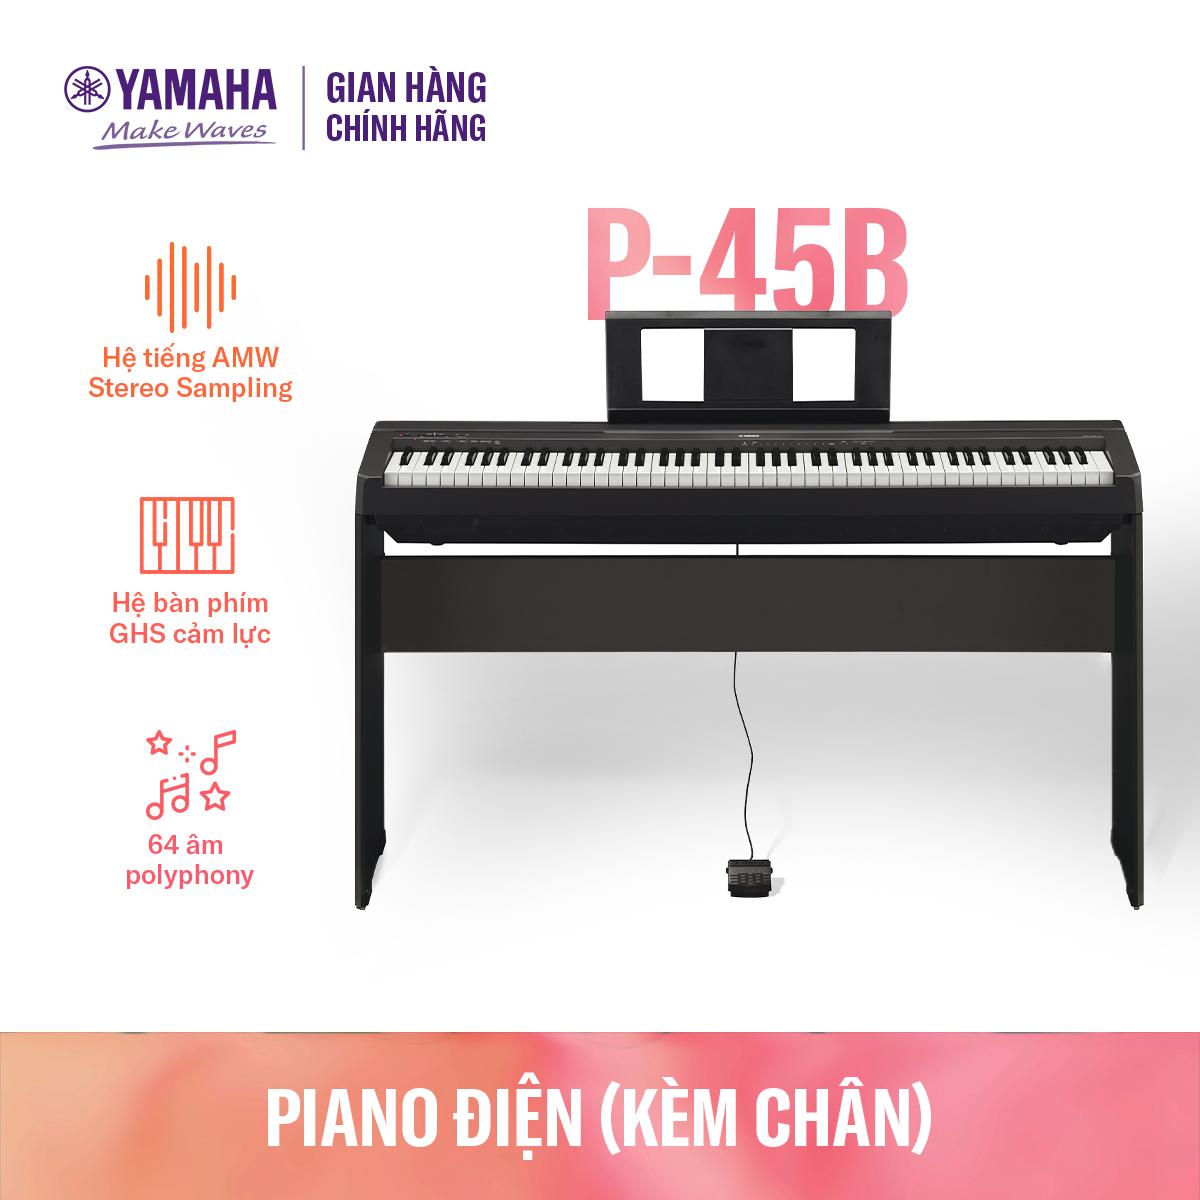 [Trả góp 0%] Đàn piano điện tử Yamaha P-45 kèm chân – thiết kế nhỏ gọn và tinh tế – Âm thanh đàn cơ sống động – Tính năng dễ sử dụng – Bảo hành chính hãng 12 tháng